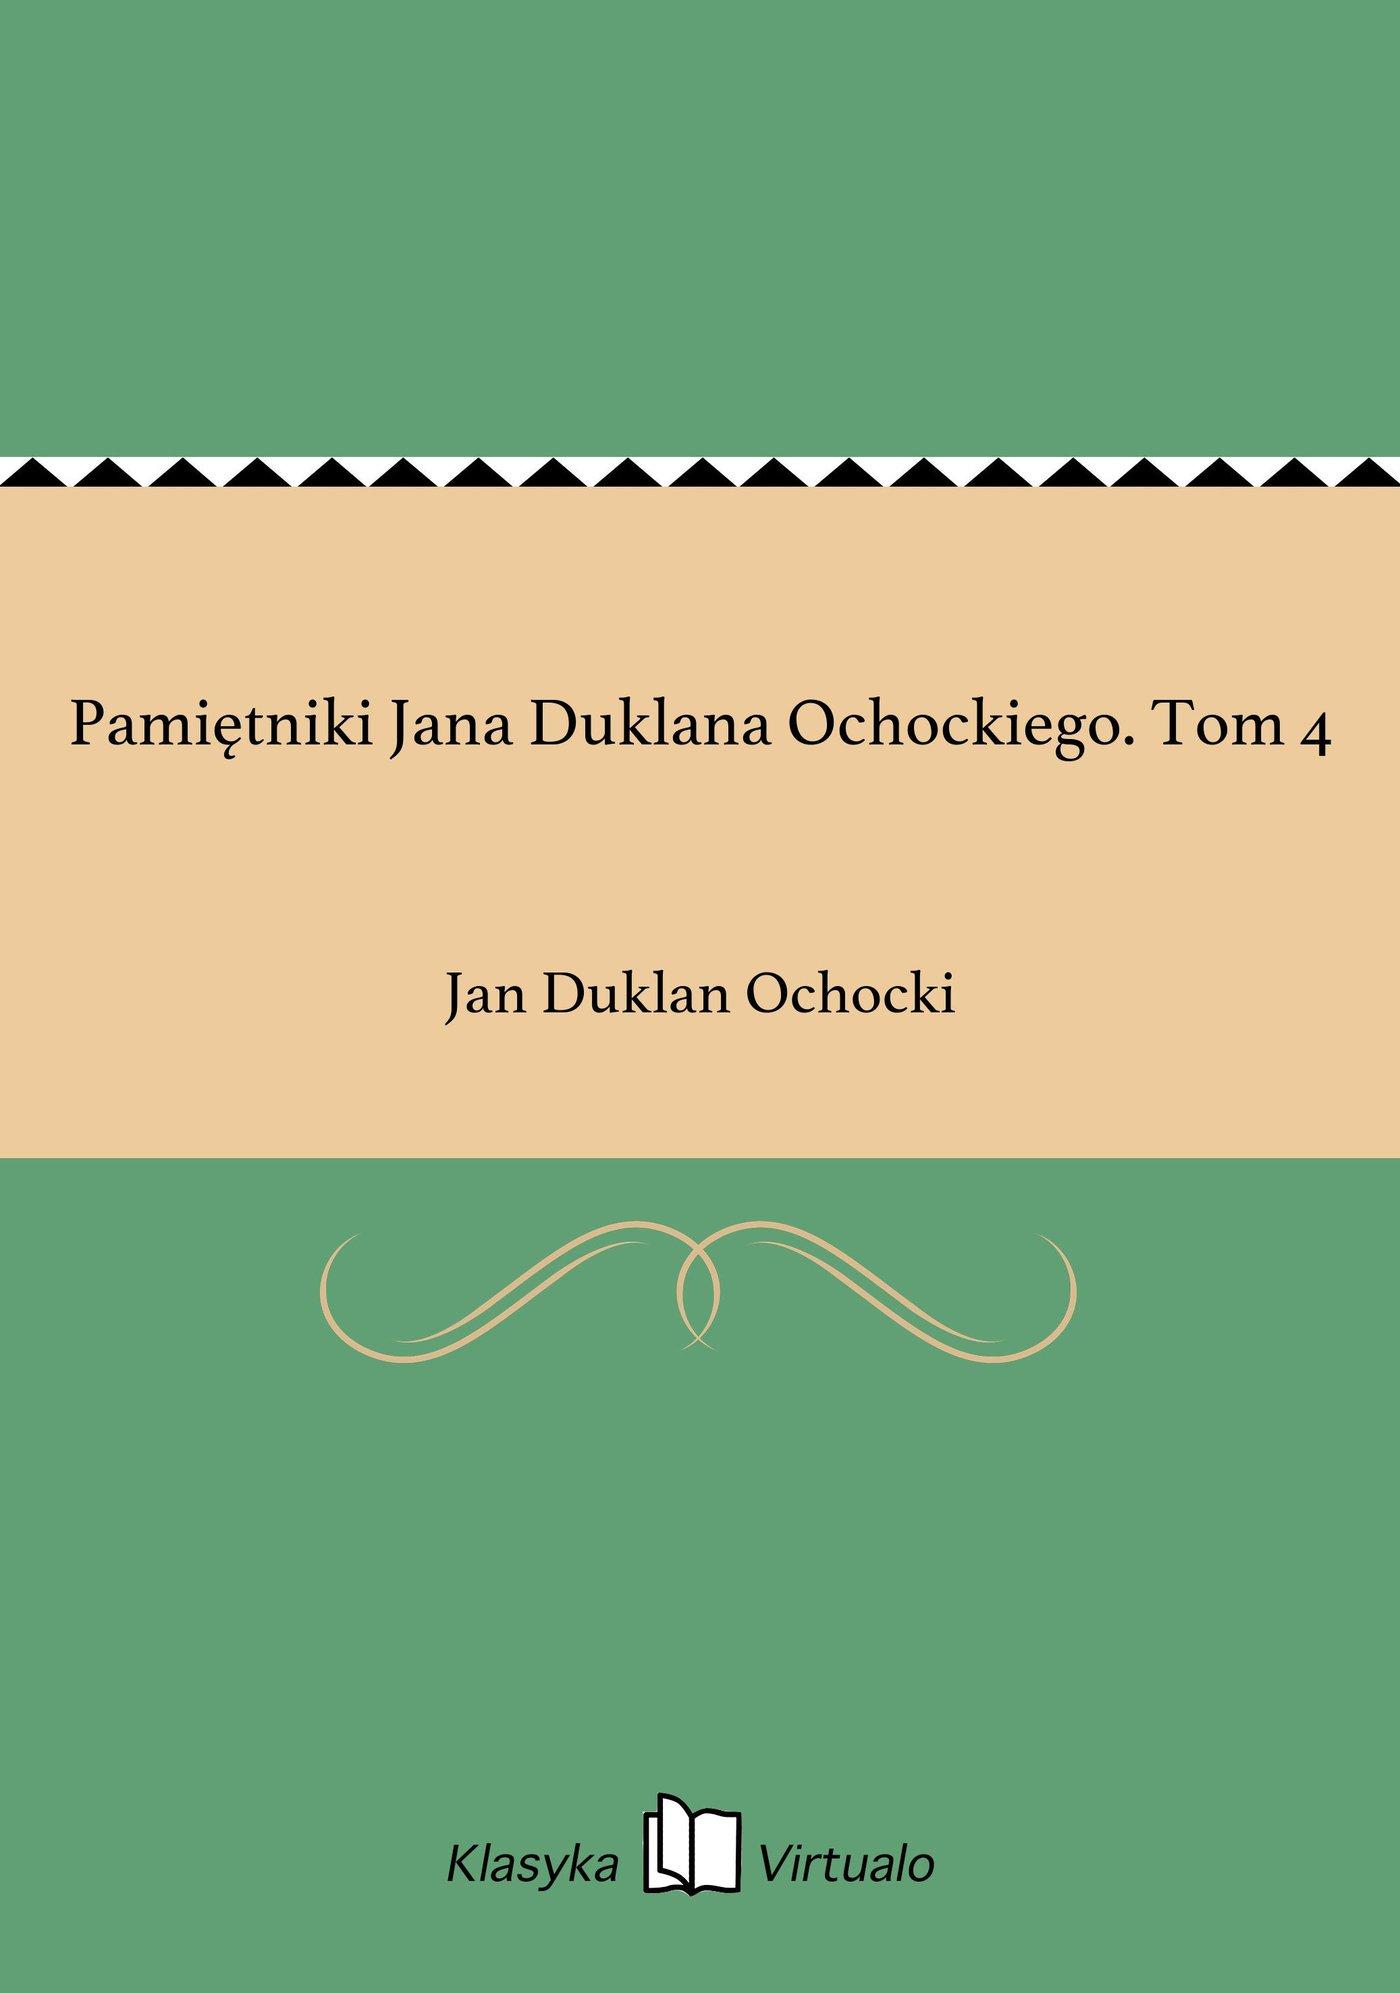 Pamiętniki Jana Duklana Ochockiego. Tom 4 - Ebook (Książka EPUB) do pobrania w formacie EPUB